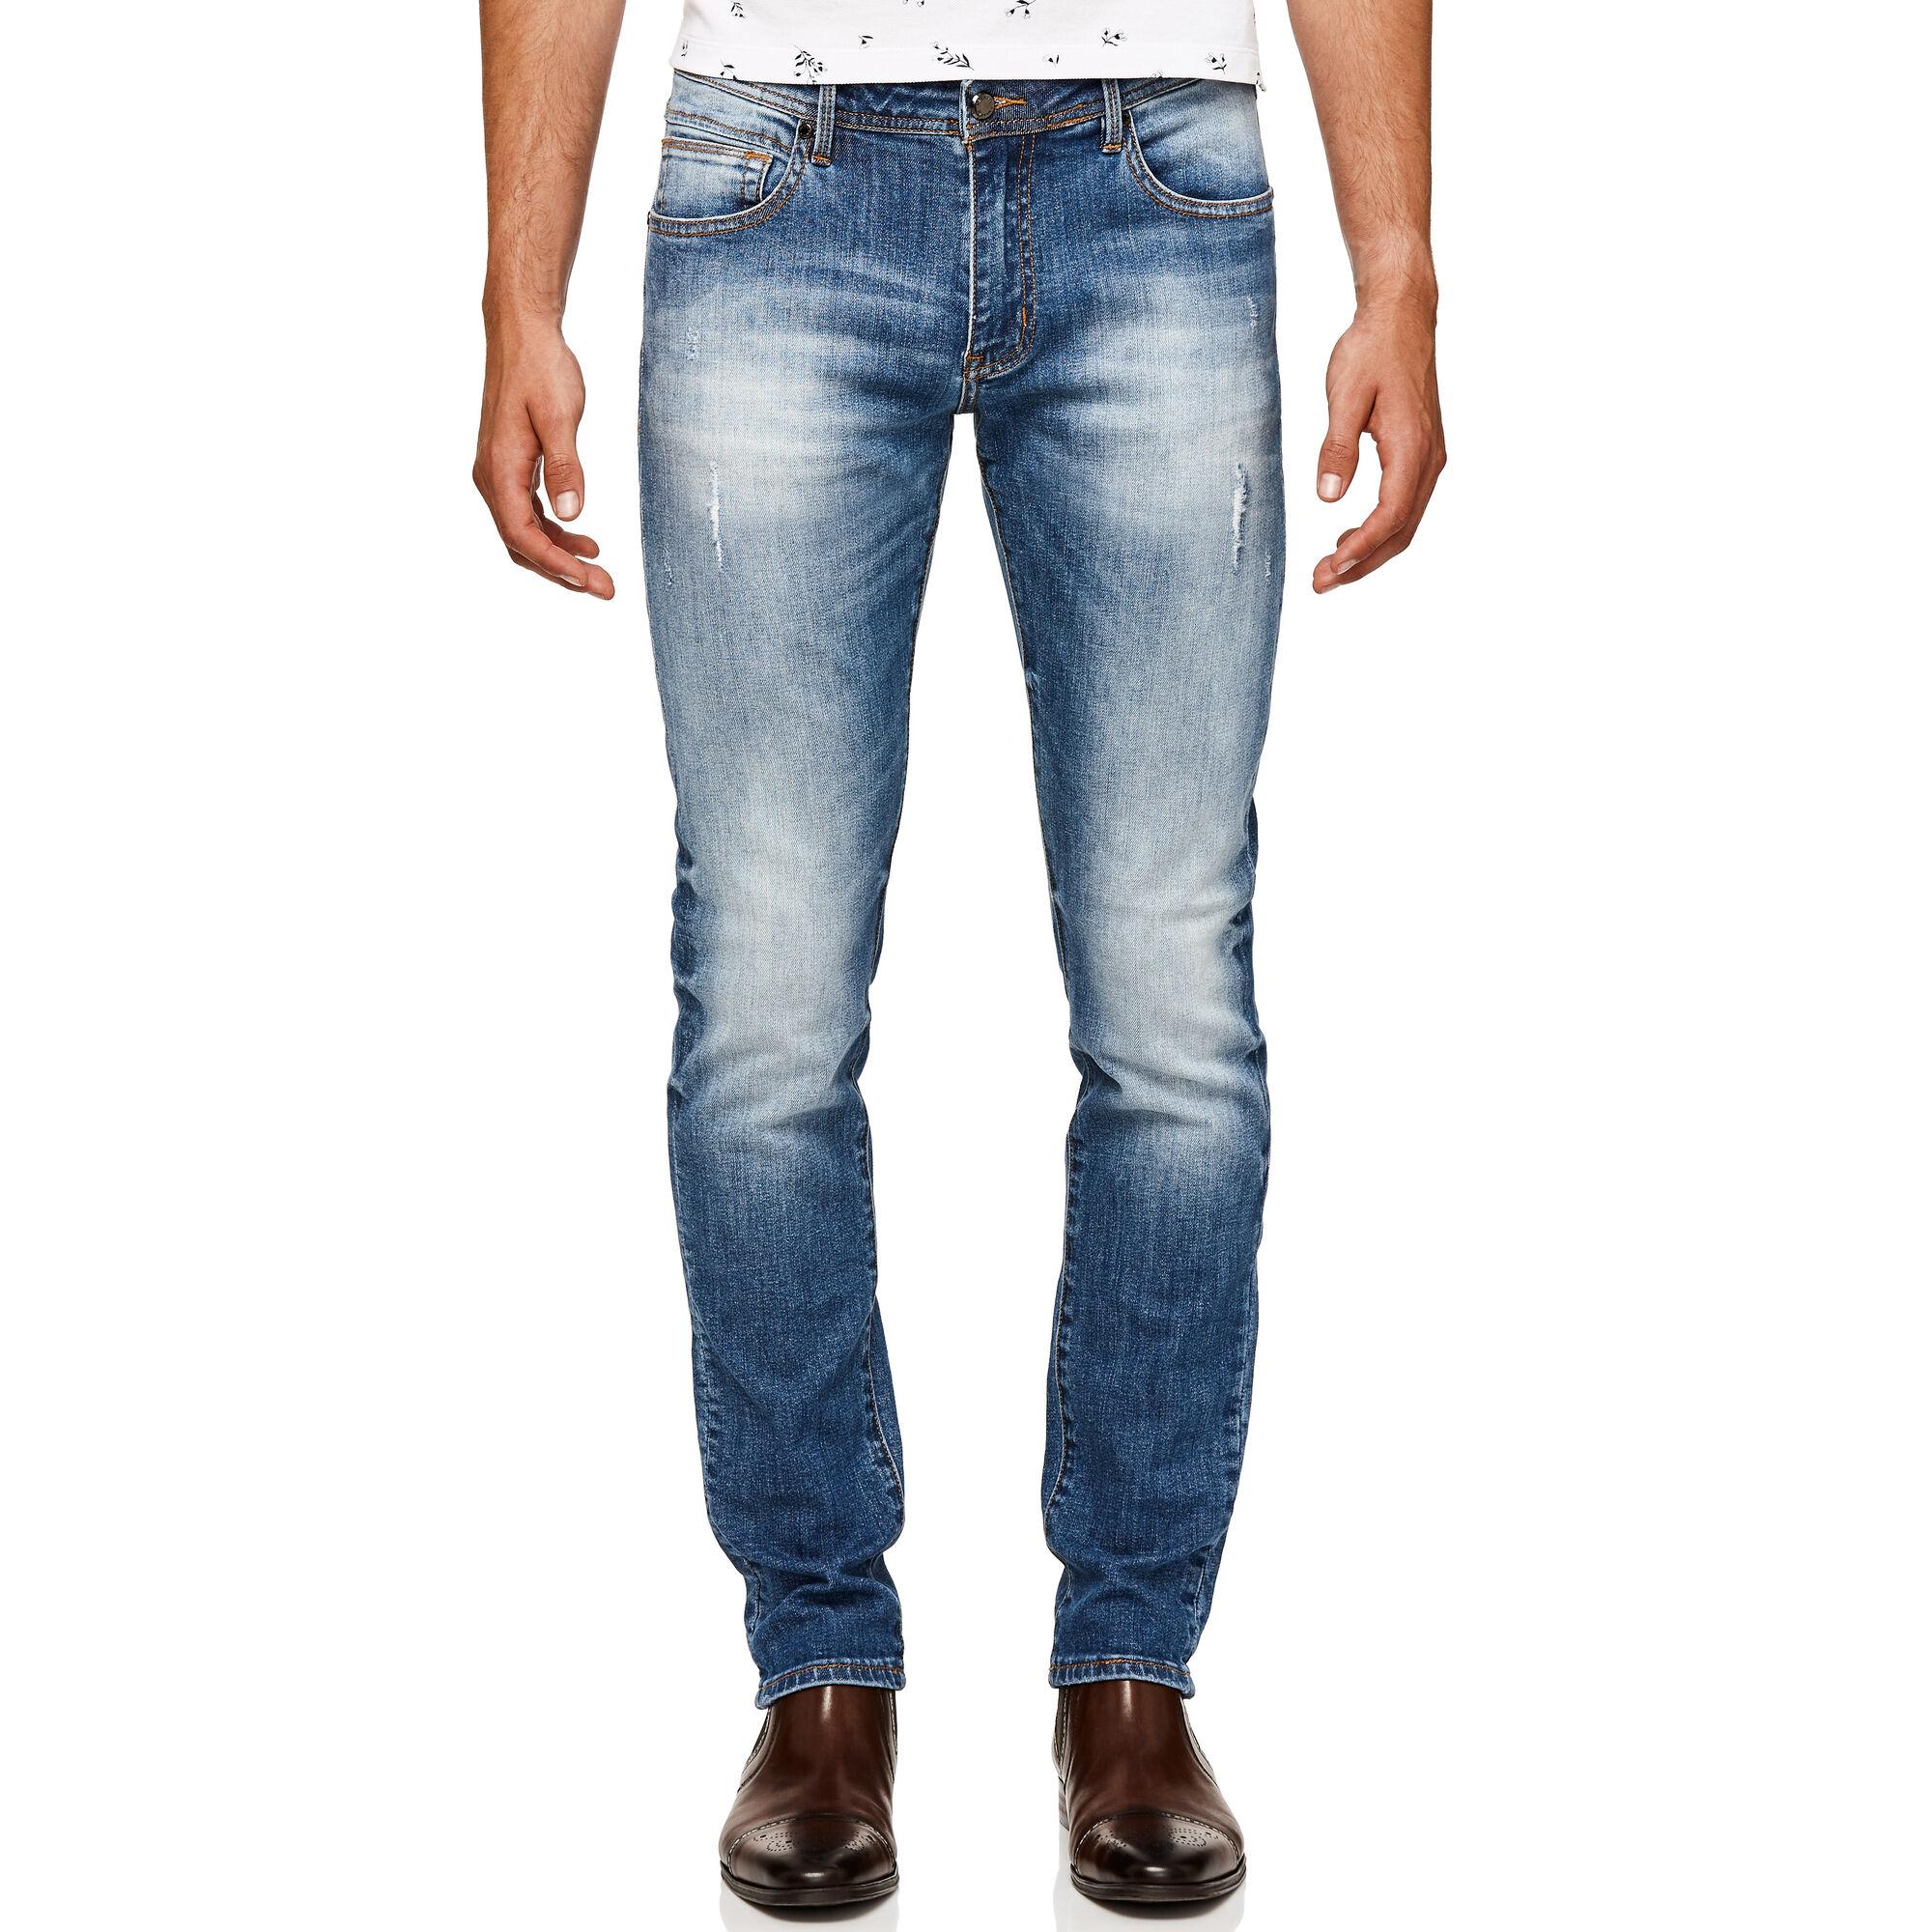 e4581531793c Liiam - Indigo - Organic Cotton Slim Denim Jeans | Politix